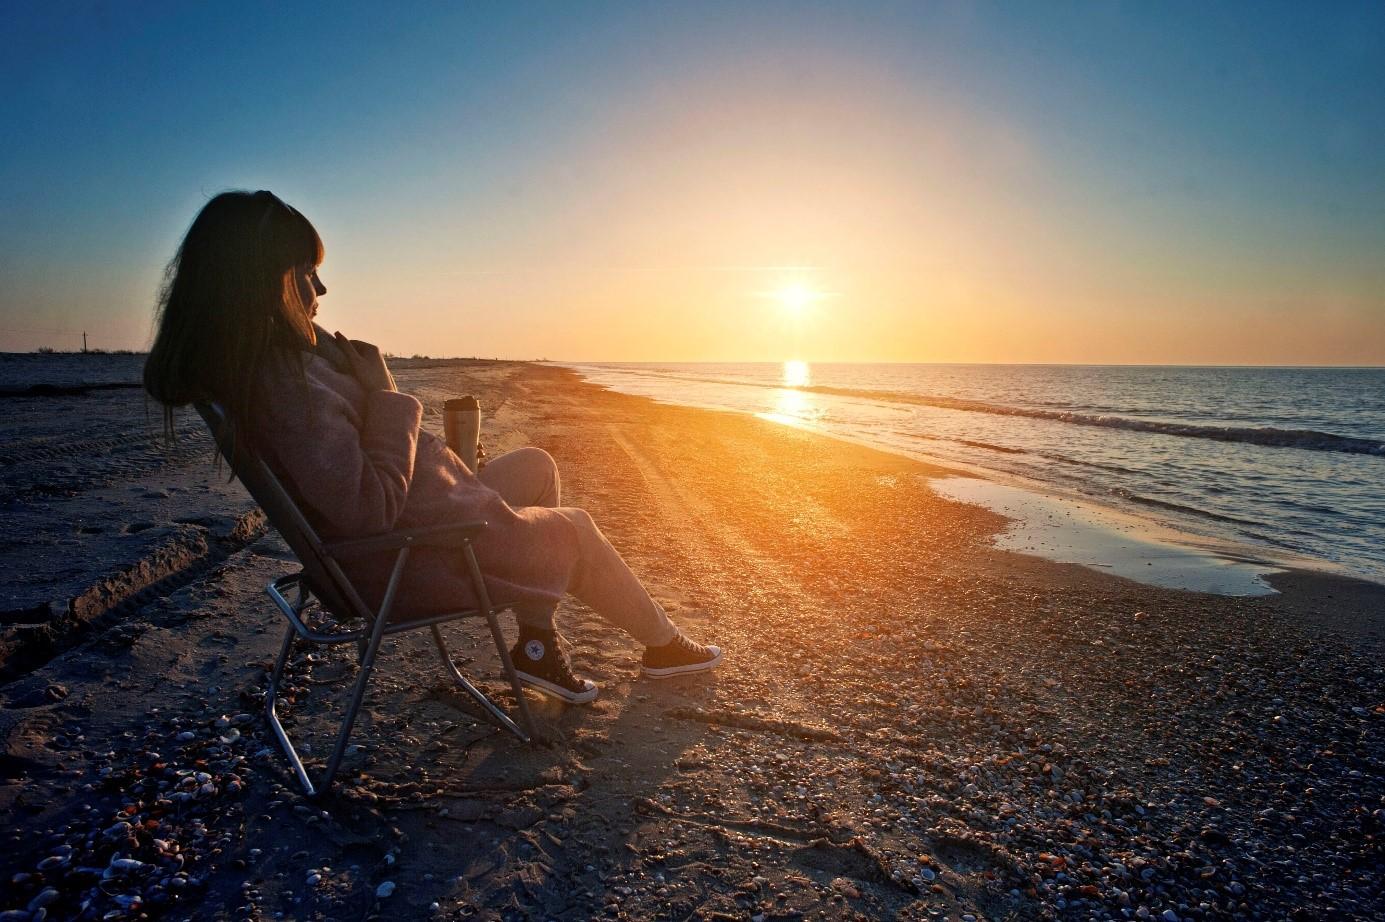 Des idées d'hébergements insolites pour vos vacances en France